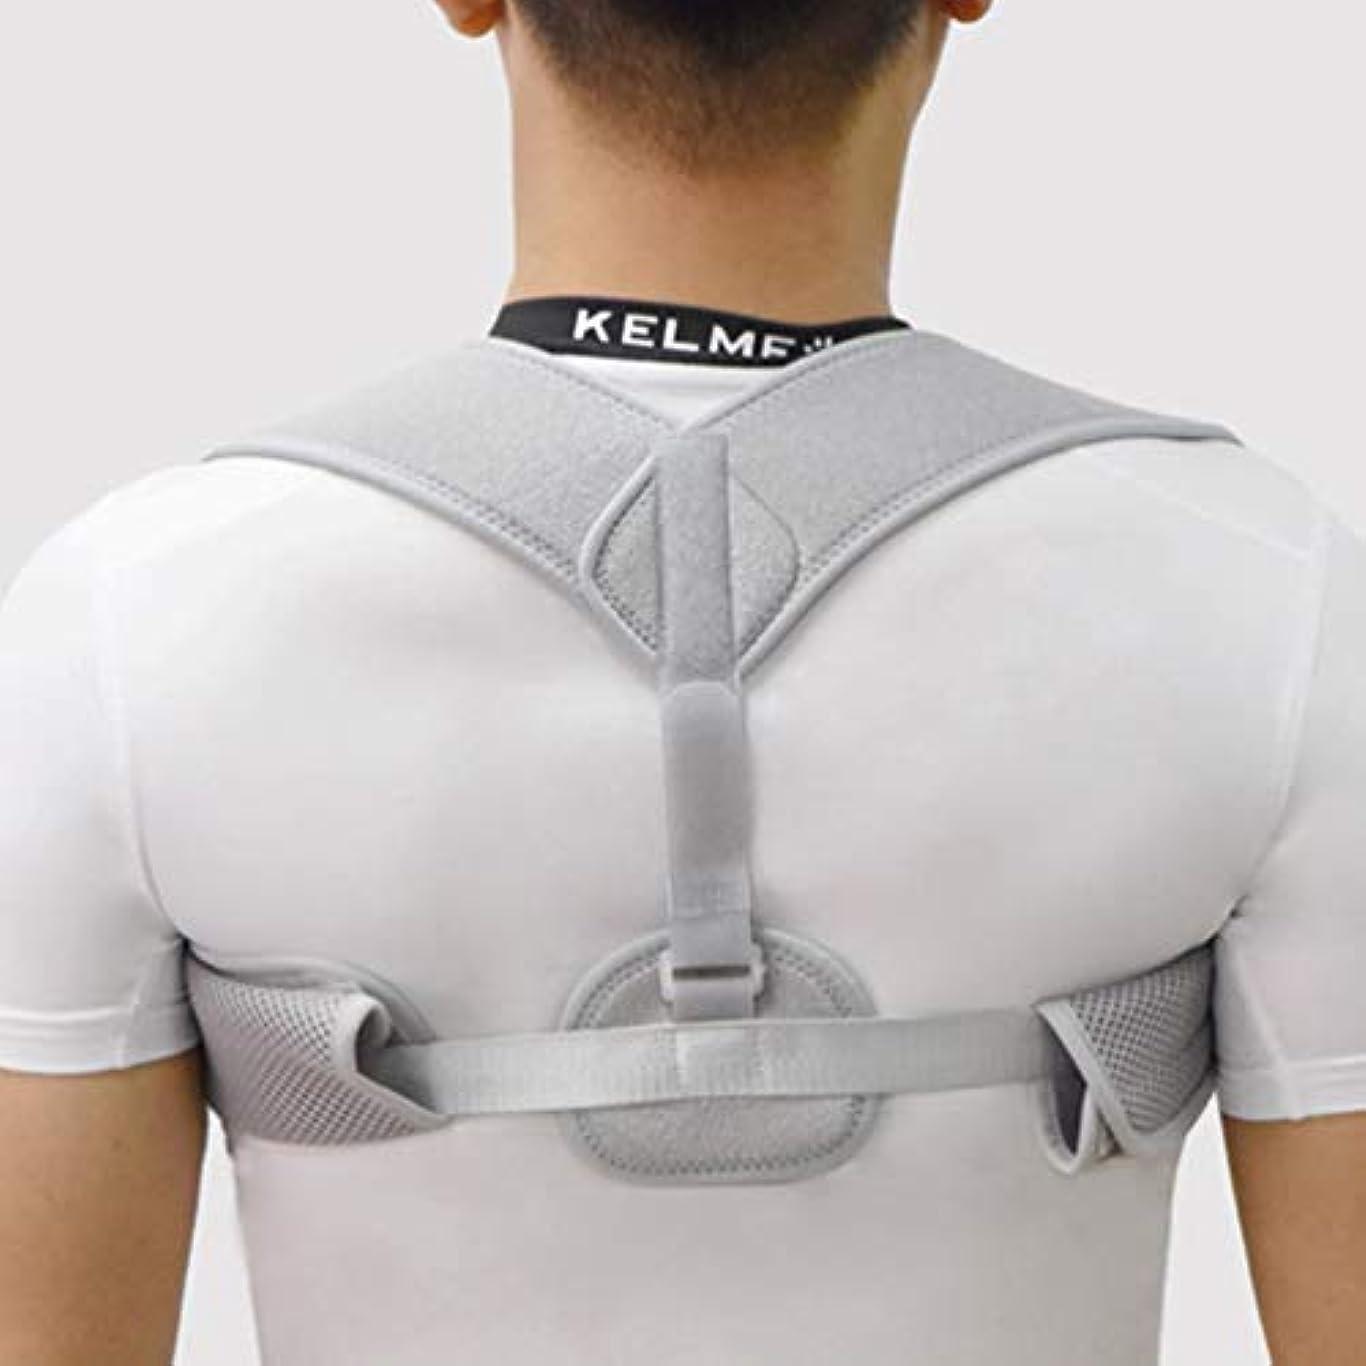 シーサイドそれに応じて脳新しいアッパーバックポスチャーコレクター姿勢鎖骨サポートコレクターバックストレート肩ブレースストラップコレクター耐久性 - グレー